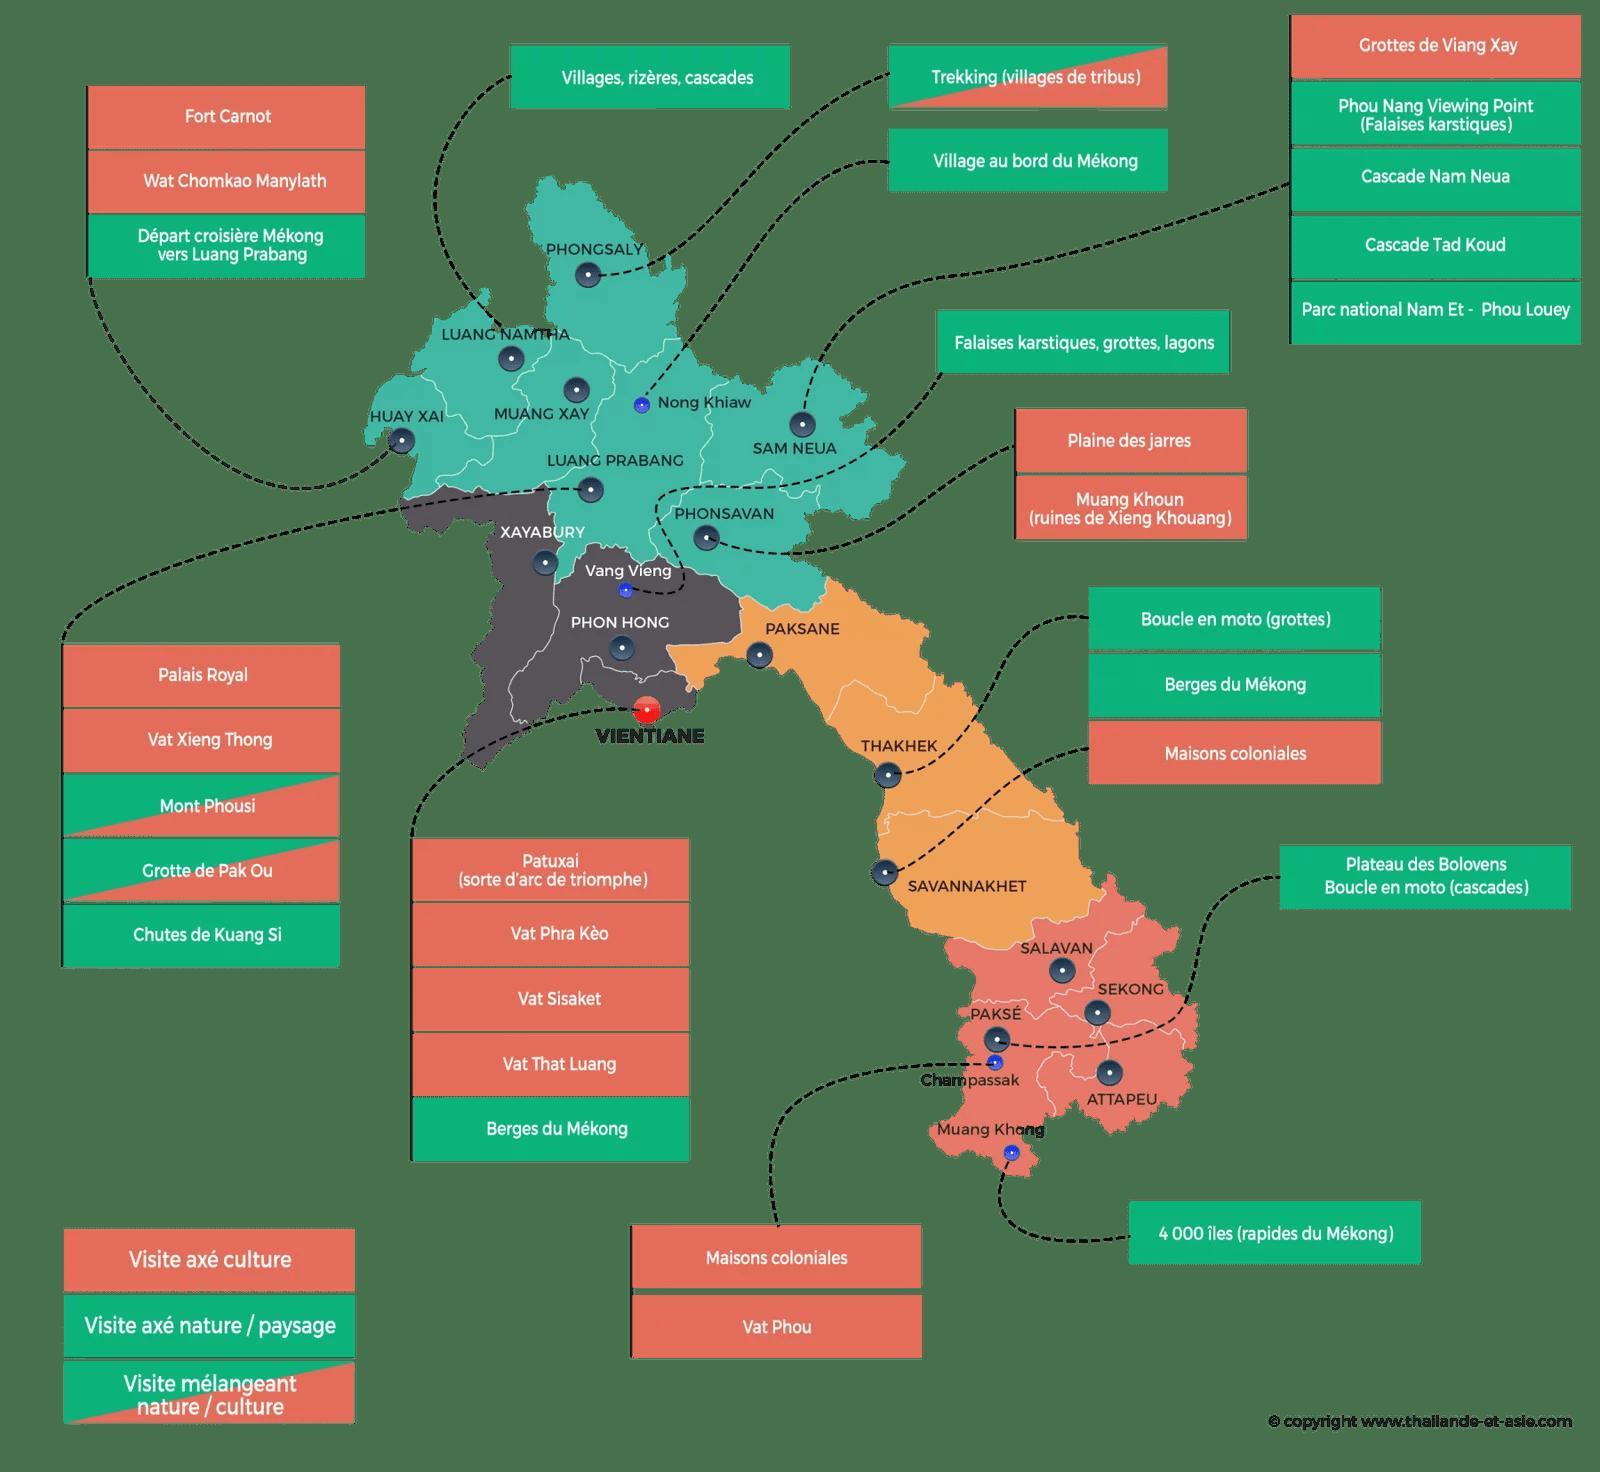 carte laos - points interets a voir faire